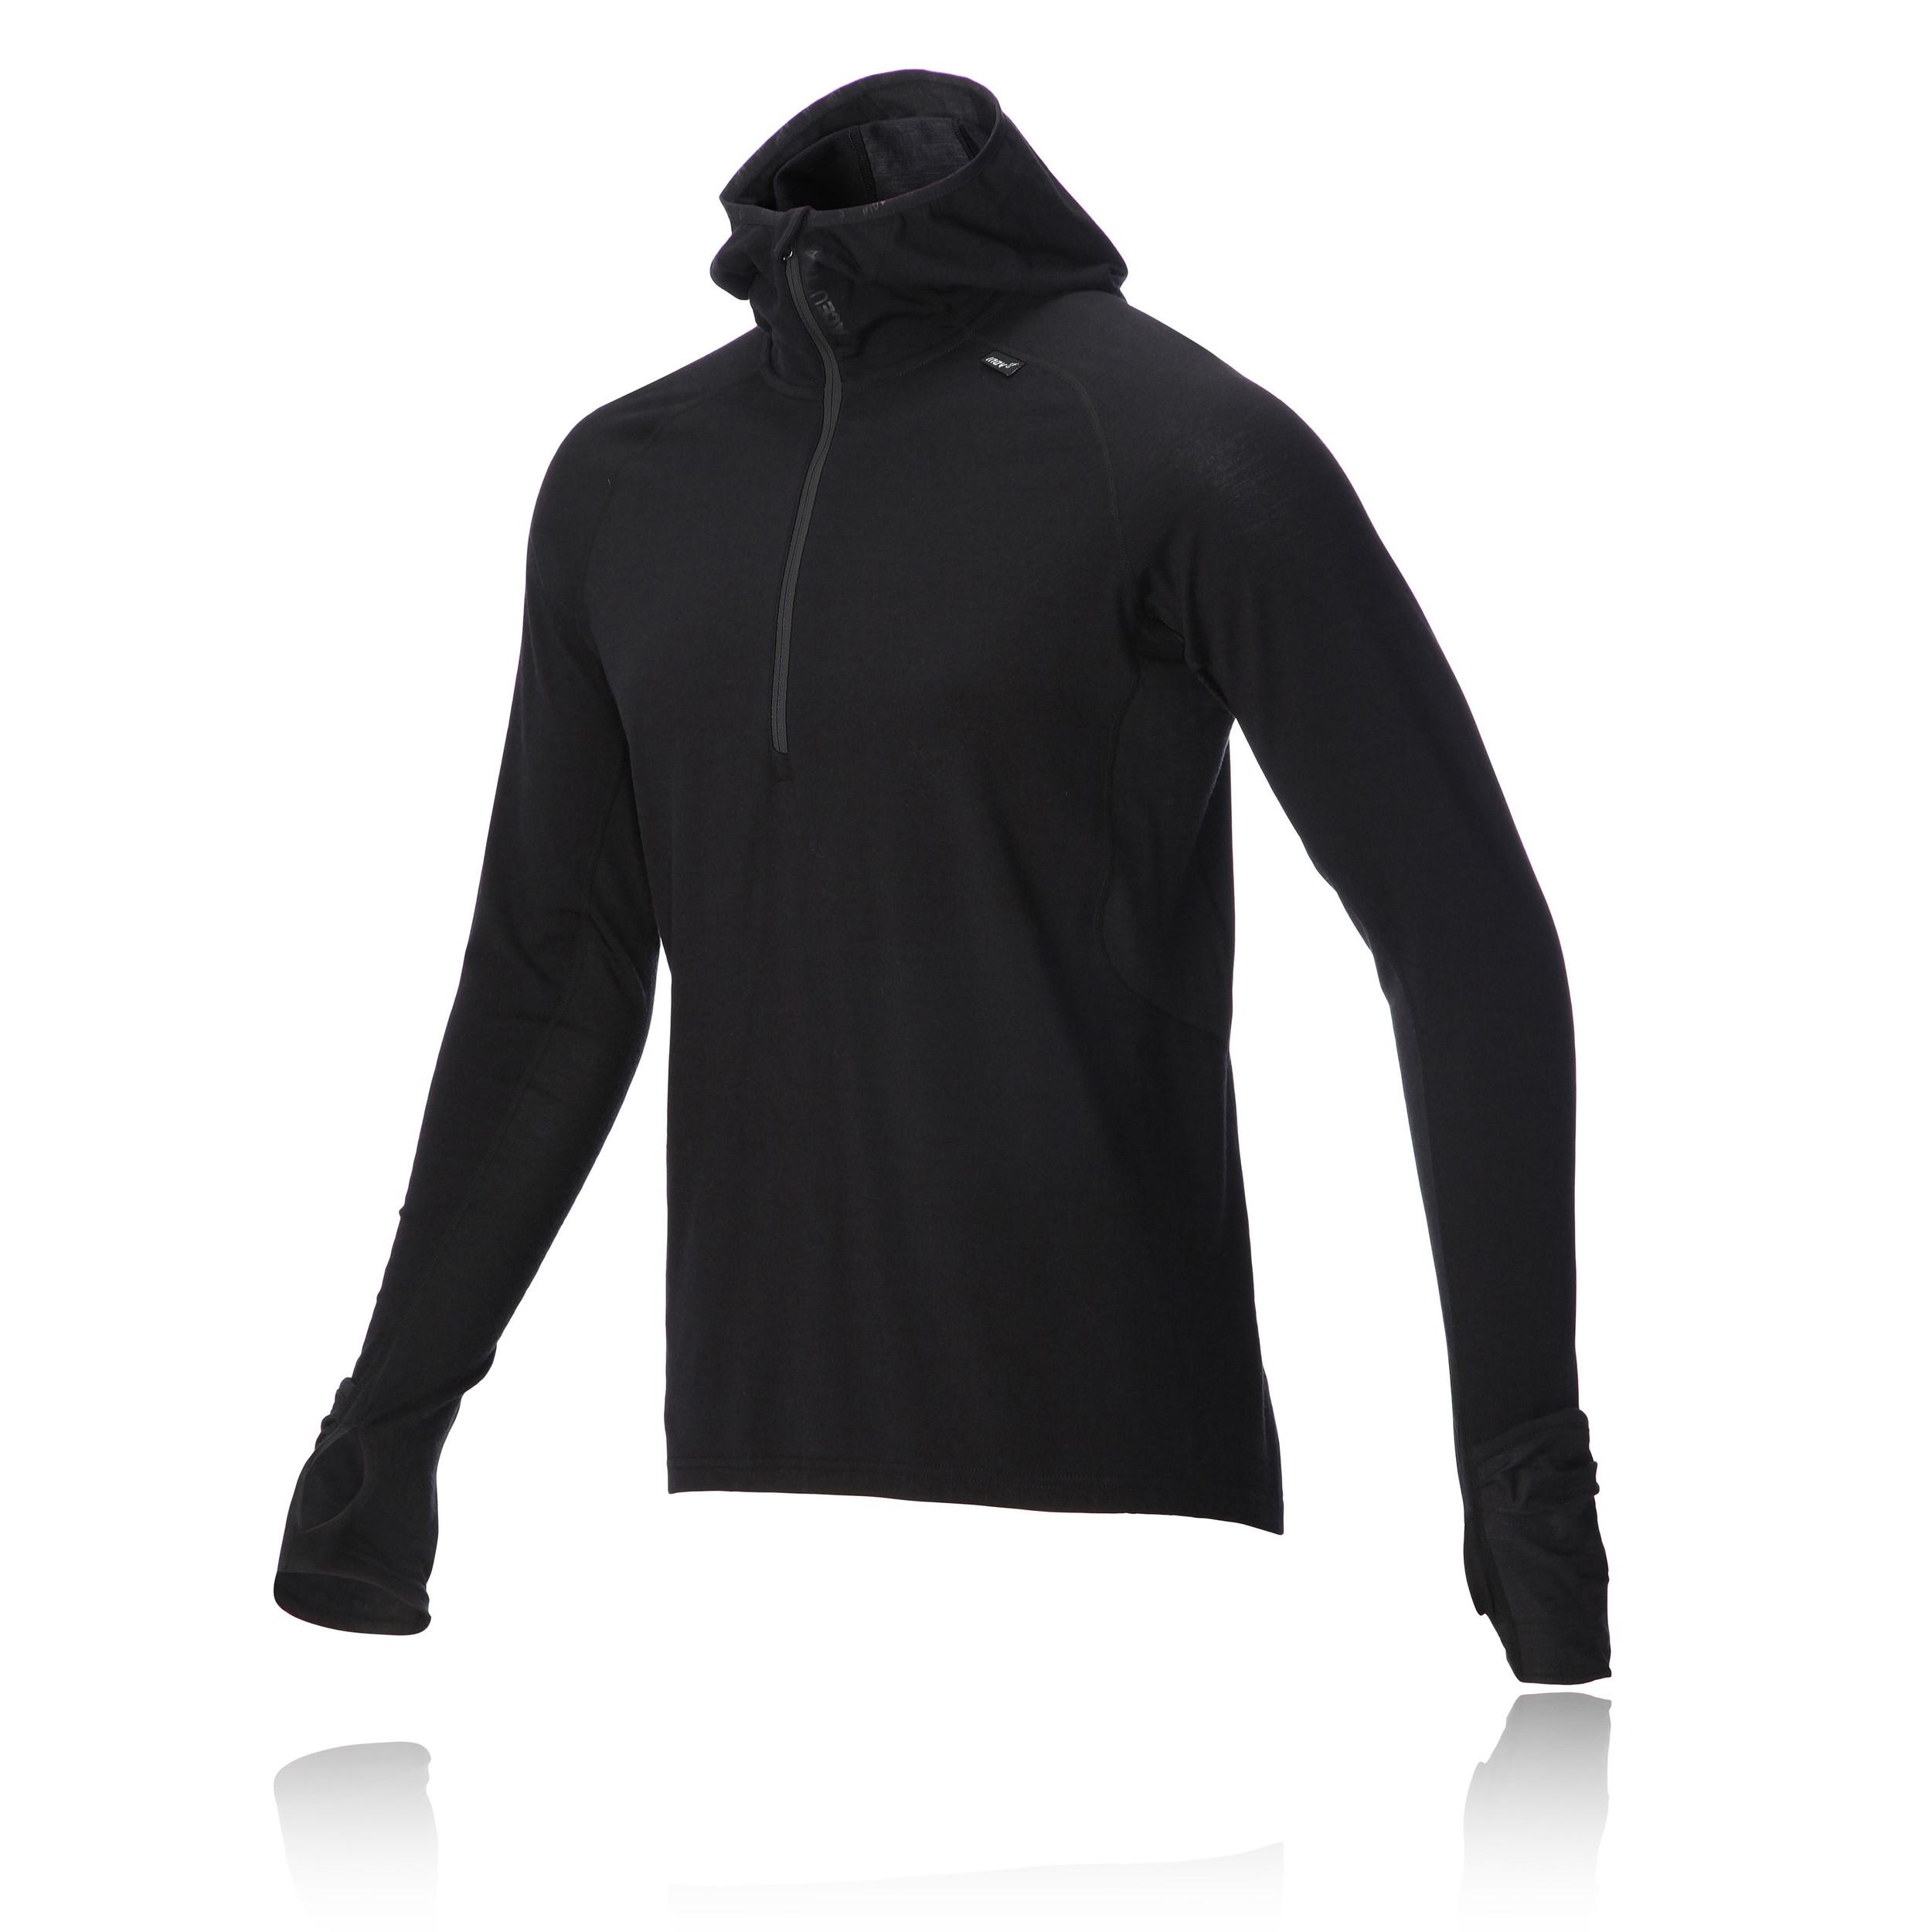 Inov8 Race Elite Merino Mens Black Long Sleeve Half Zip Hooded Running Top